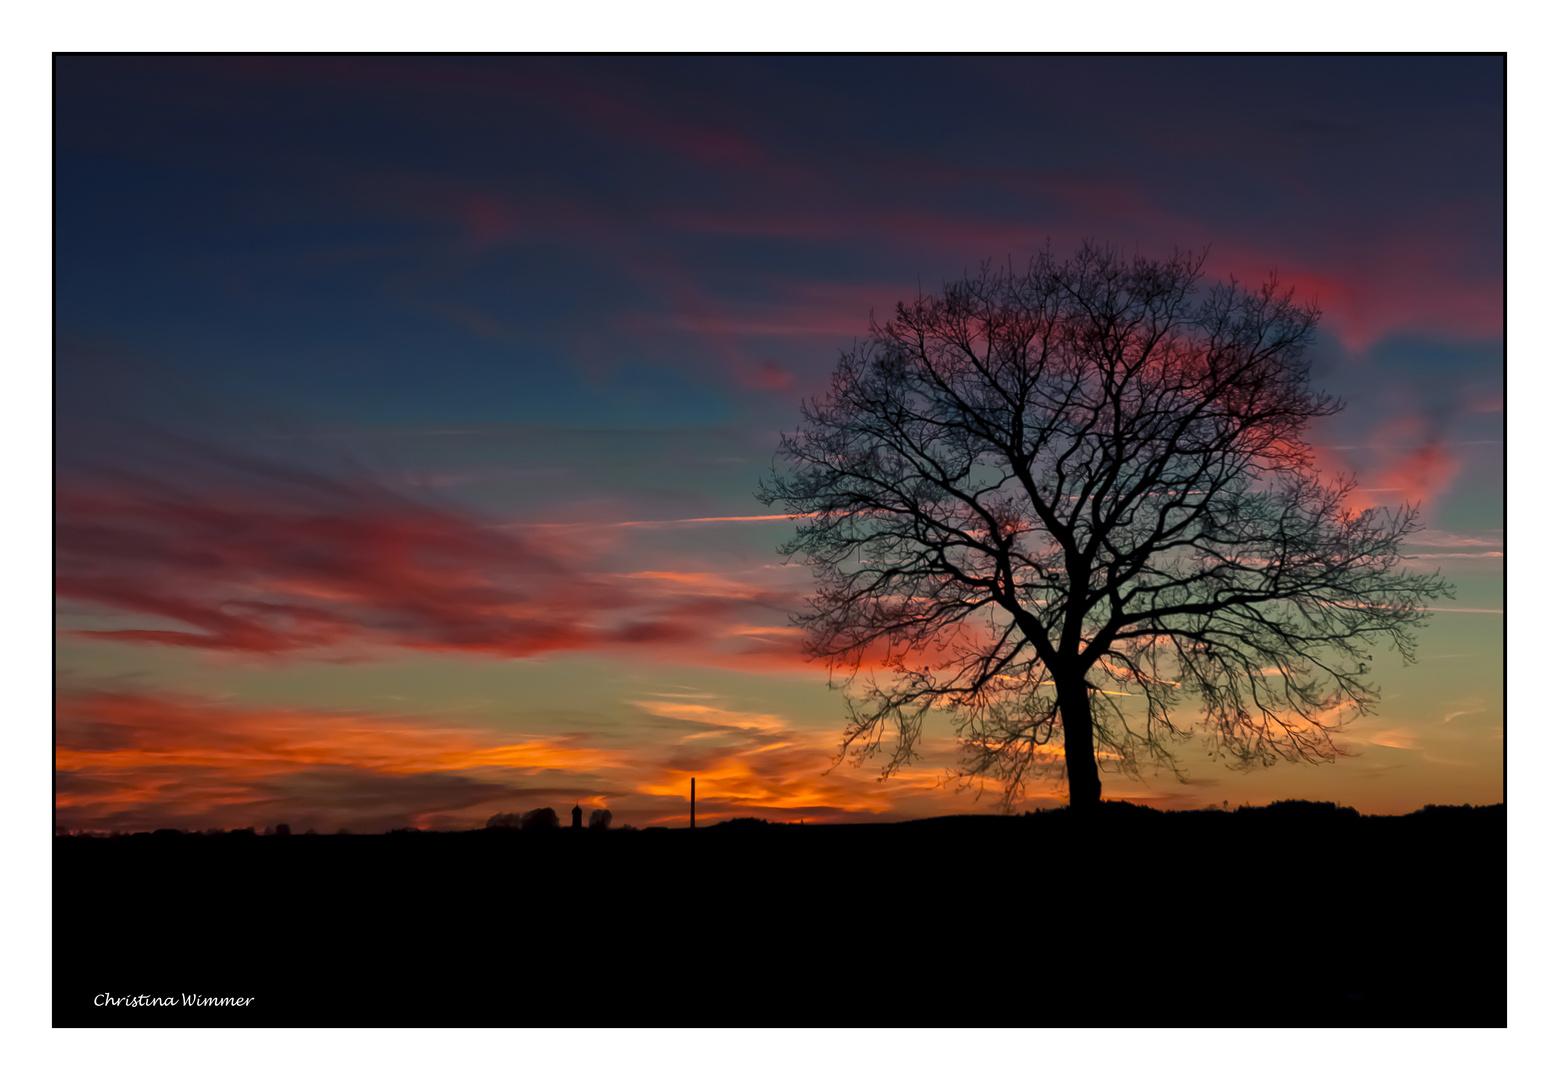 Ein einsamer Baum